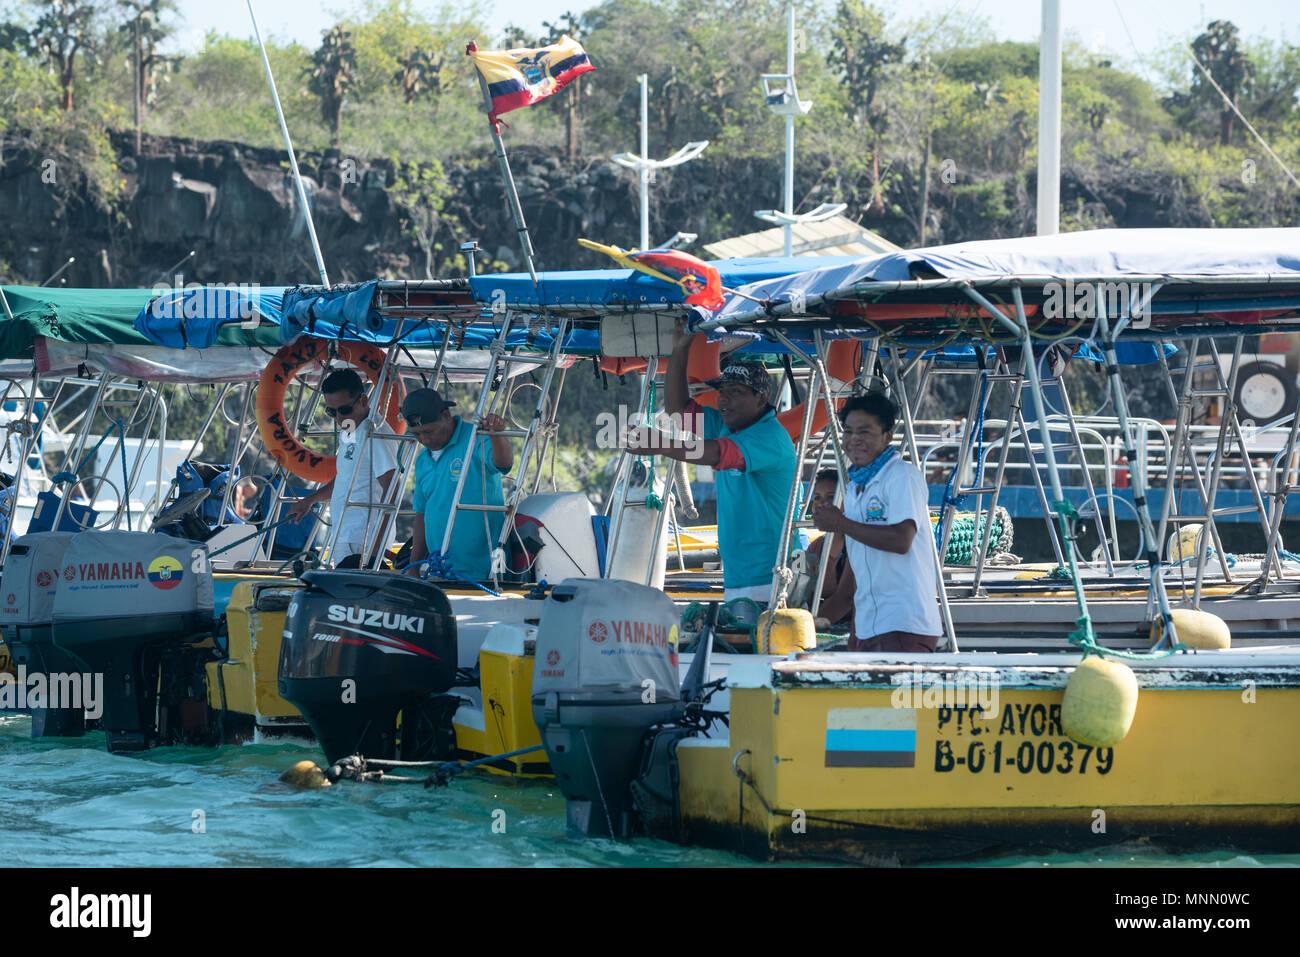 Water taxis captains in the harbor in Puerto Ayora, Santa Cruz Island, Galapagos Islands, Ecuador. - Stock Image